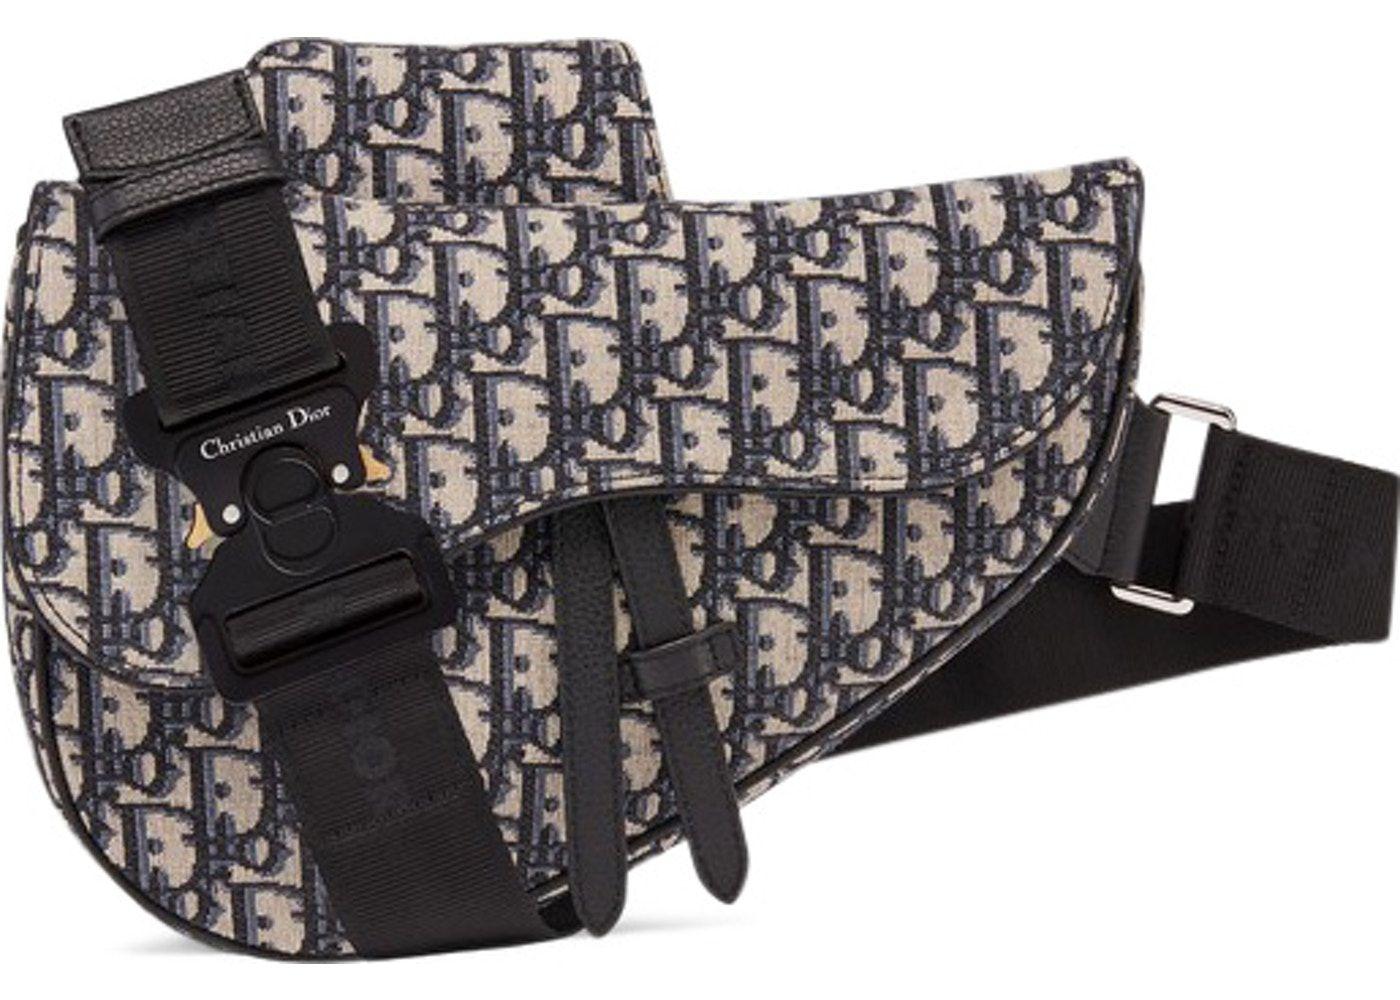 Christian Dior Oblique Saddle Bag Black | Fanny pack in 2019